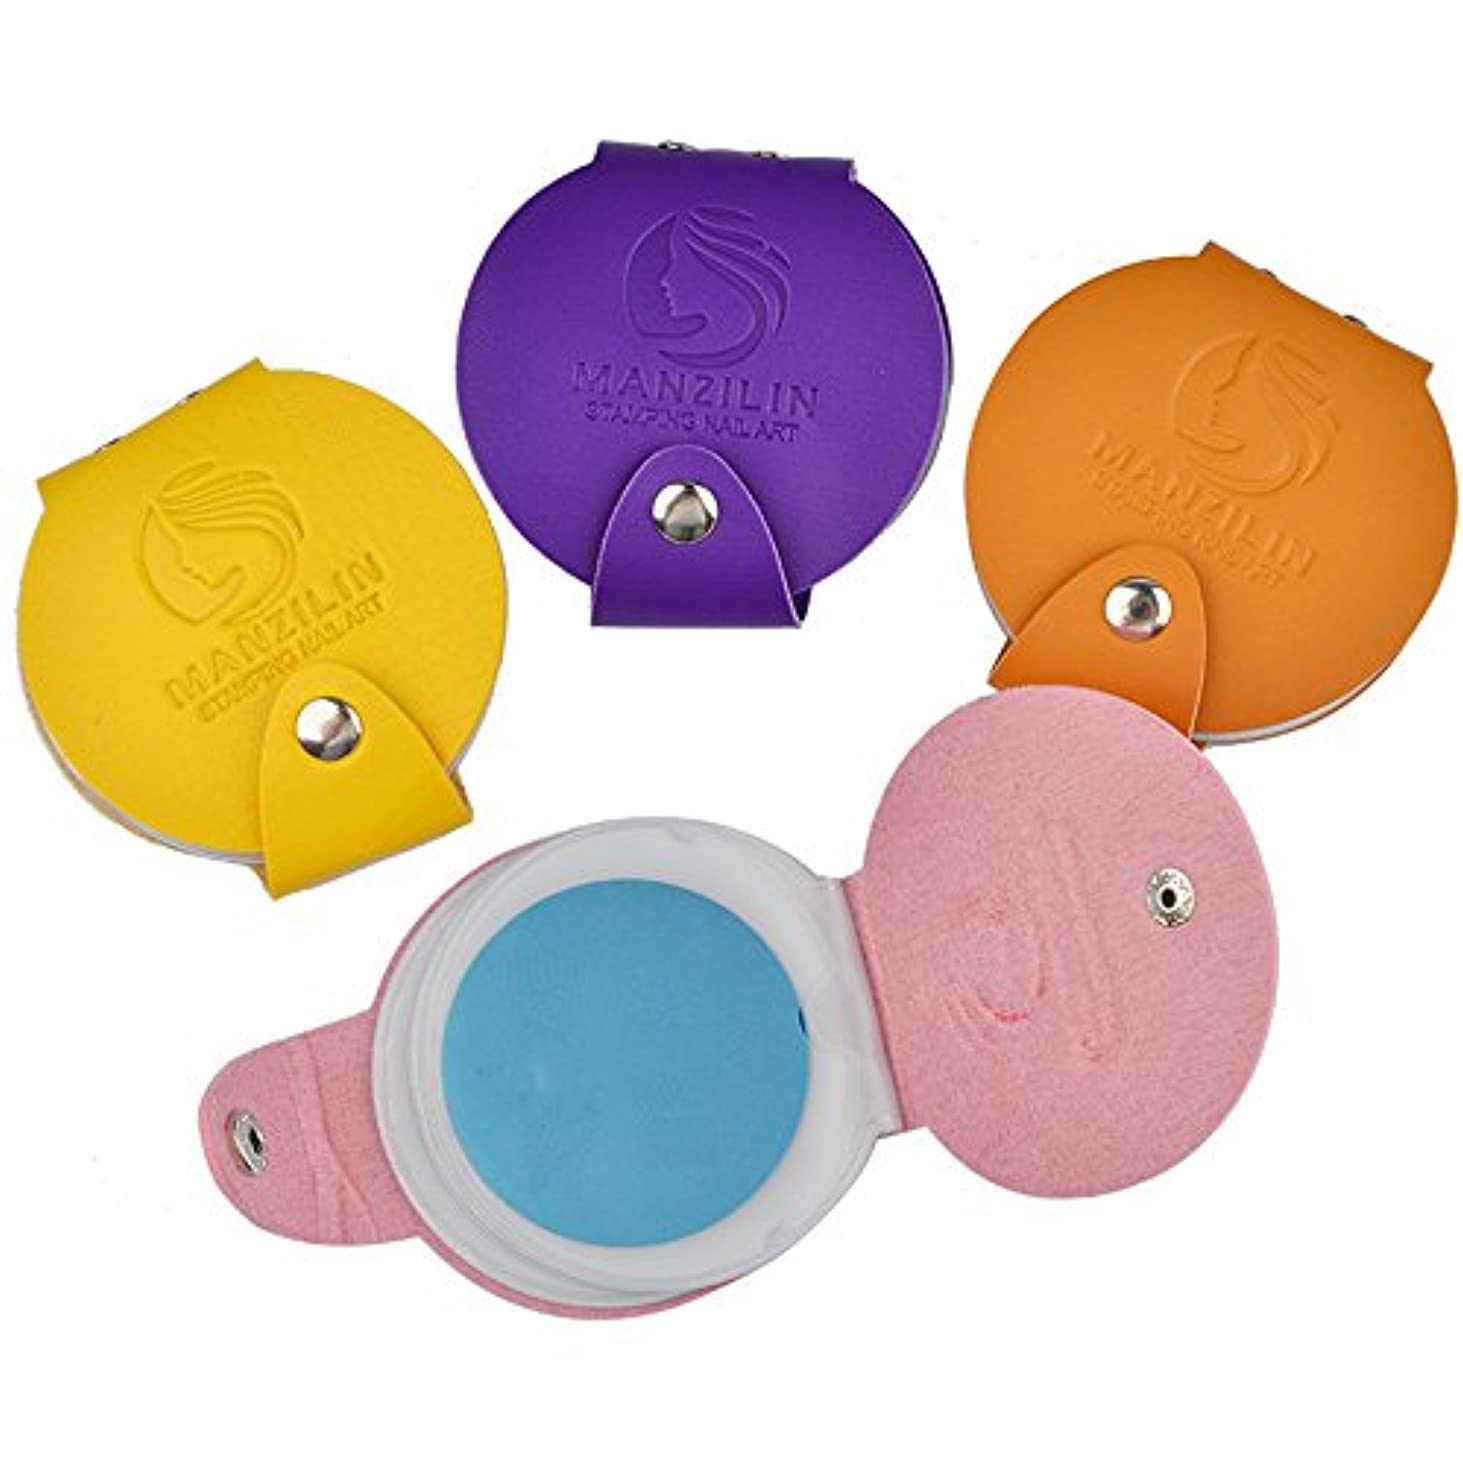 賛辞スピーカー滅びるスタンププレートケース イメージプレート収納ケース ネイルスタンプコレクションネイルツール12位(直径は5.6cmの円形スタンププレートに適する) (ピンク)